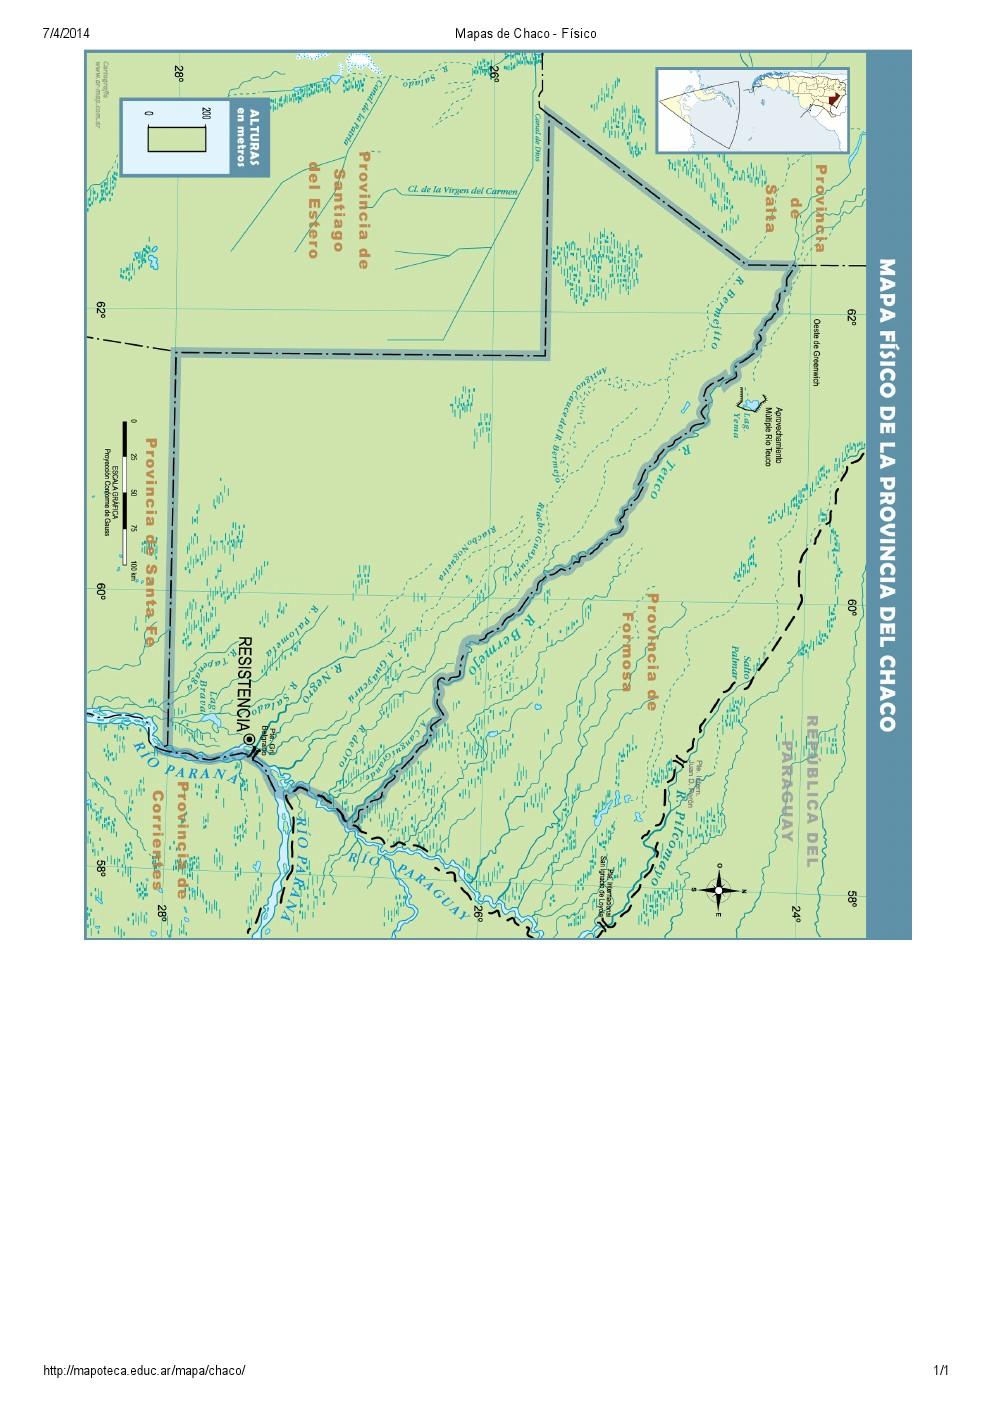 Mapa de ríos del Chaco. Mapoteca de Educ.ar